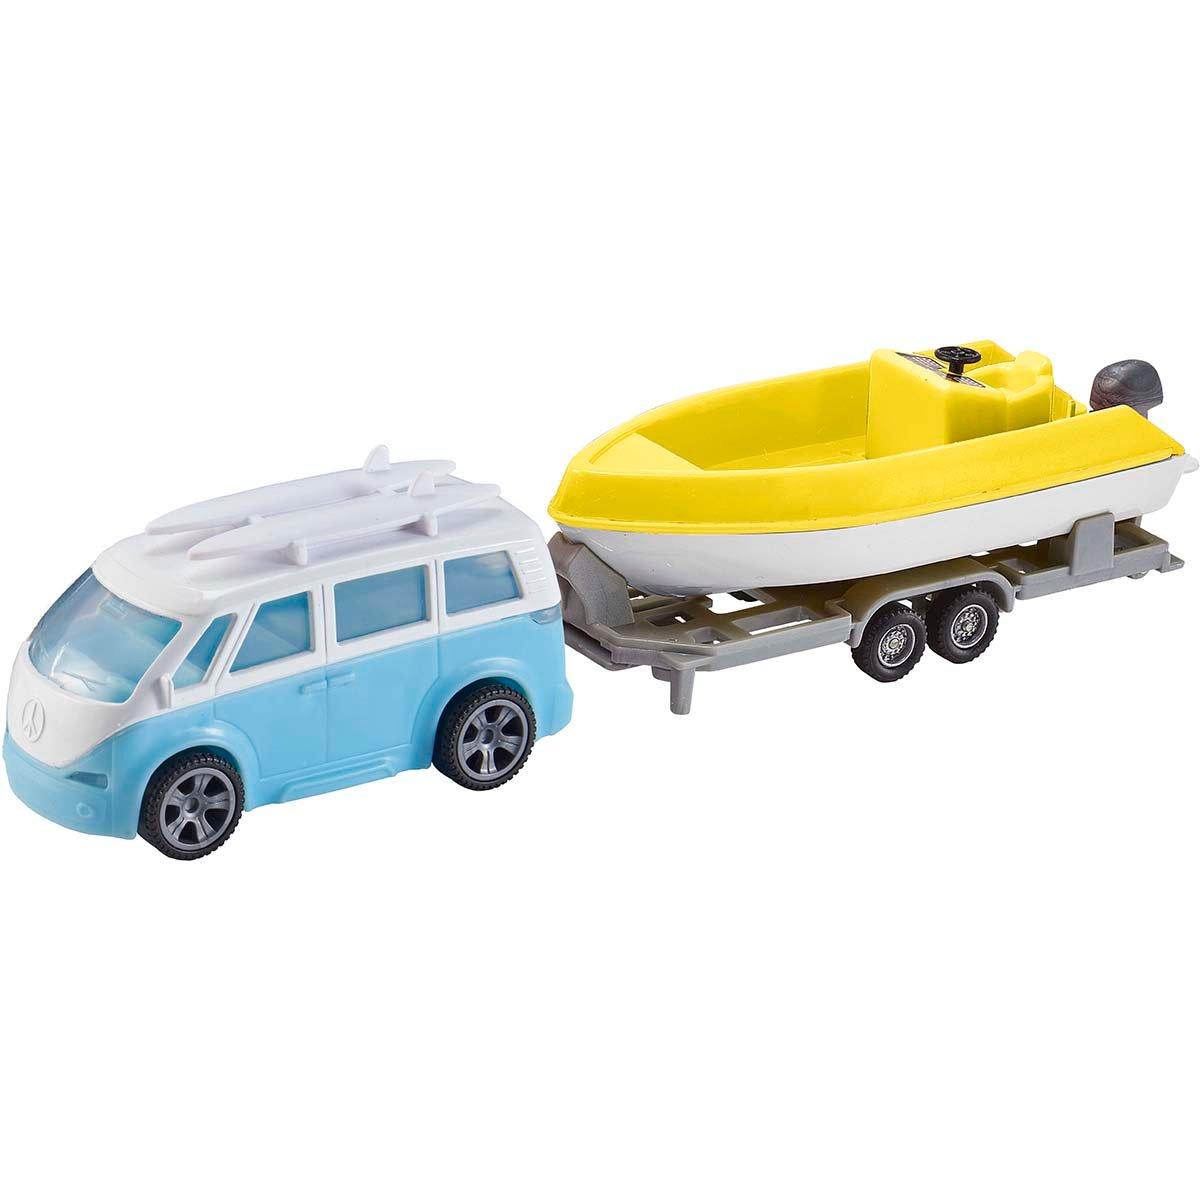 Set masinuta cu remorca si barca Teamsterz, Galben